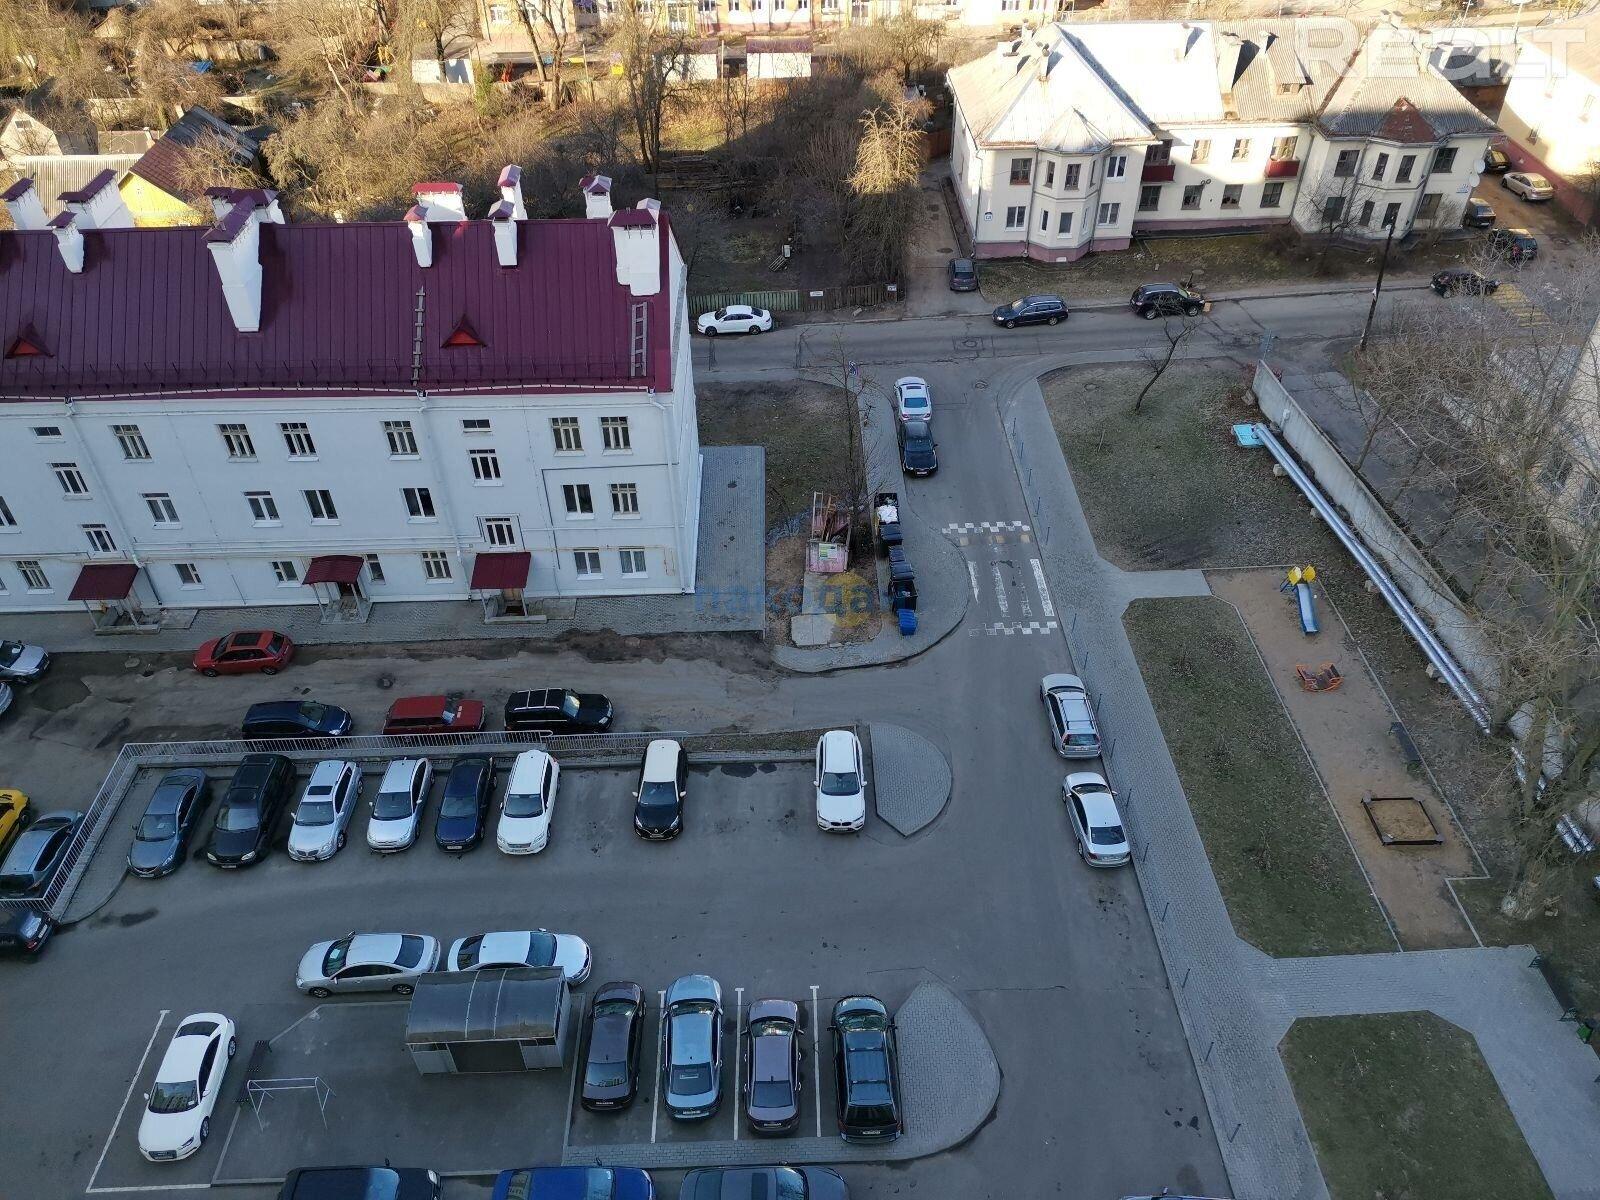 Продается 2-х комнатная квартира, пер. Железнодорожный 3-й д.10 - фото №25